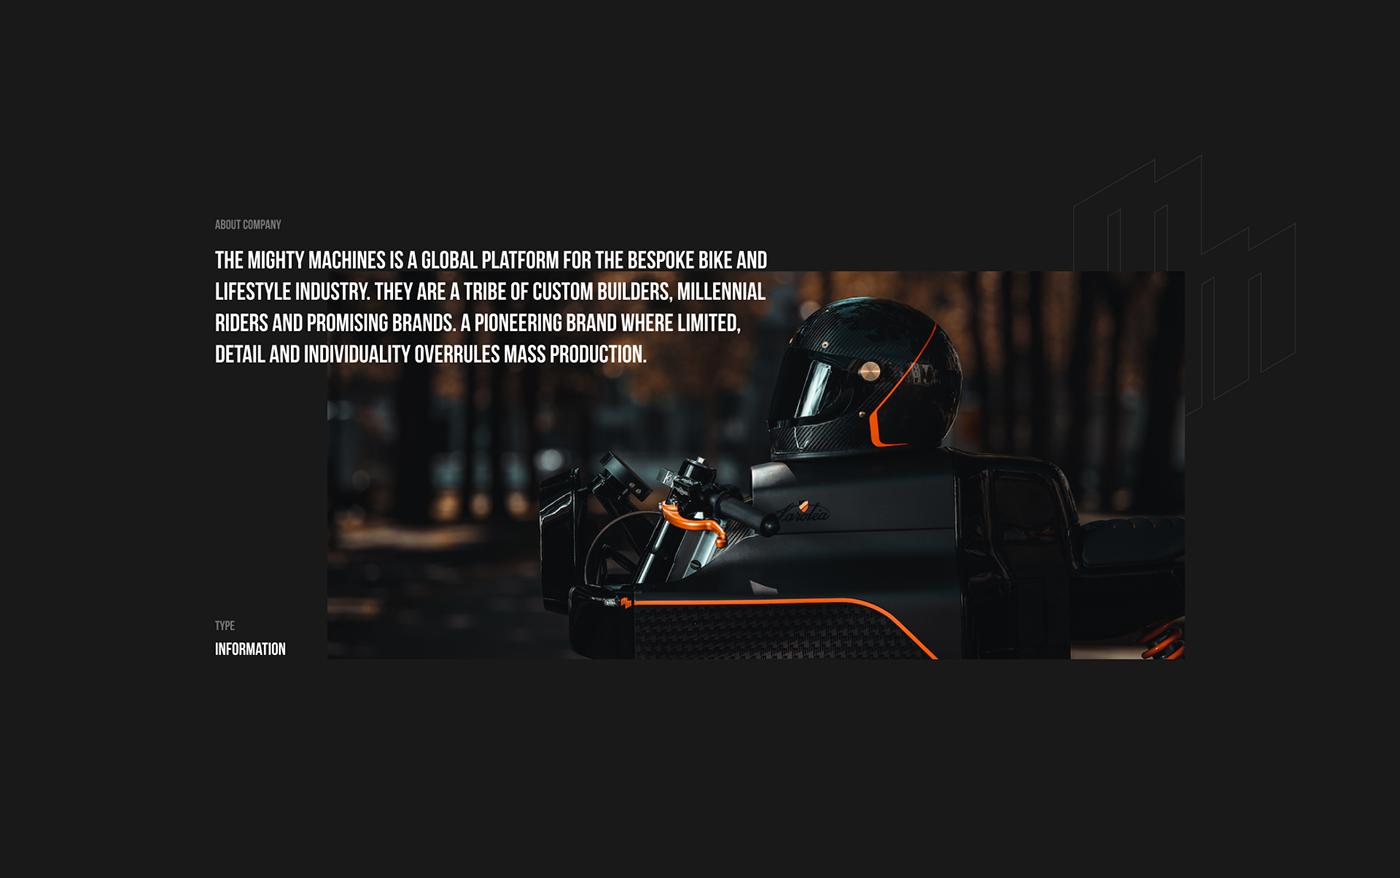 Image may contain: screenshot and land vehicle